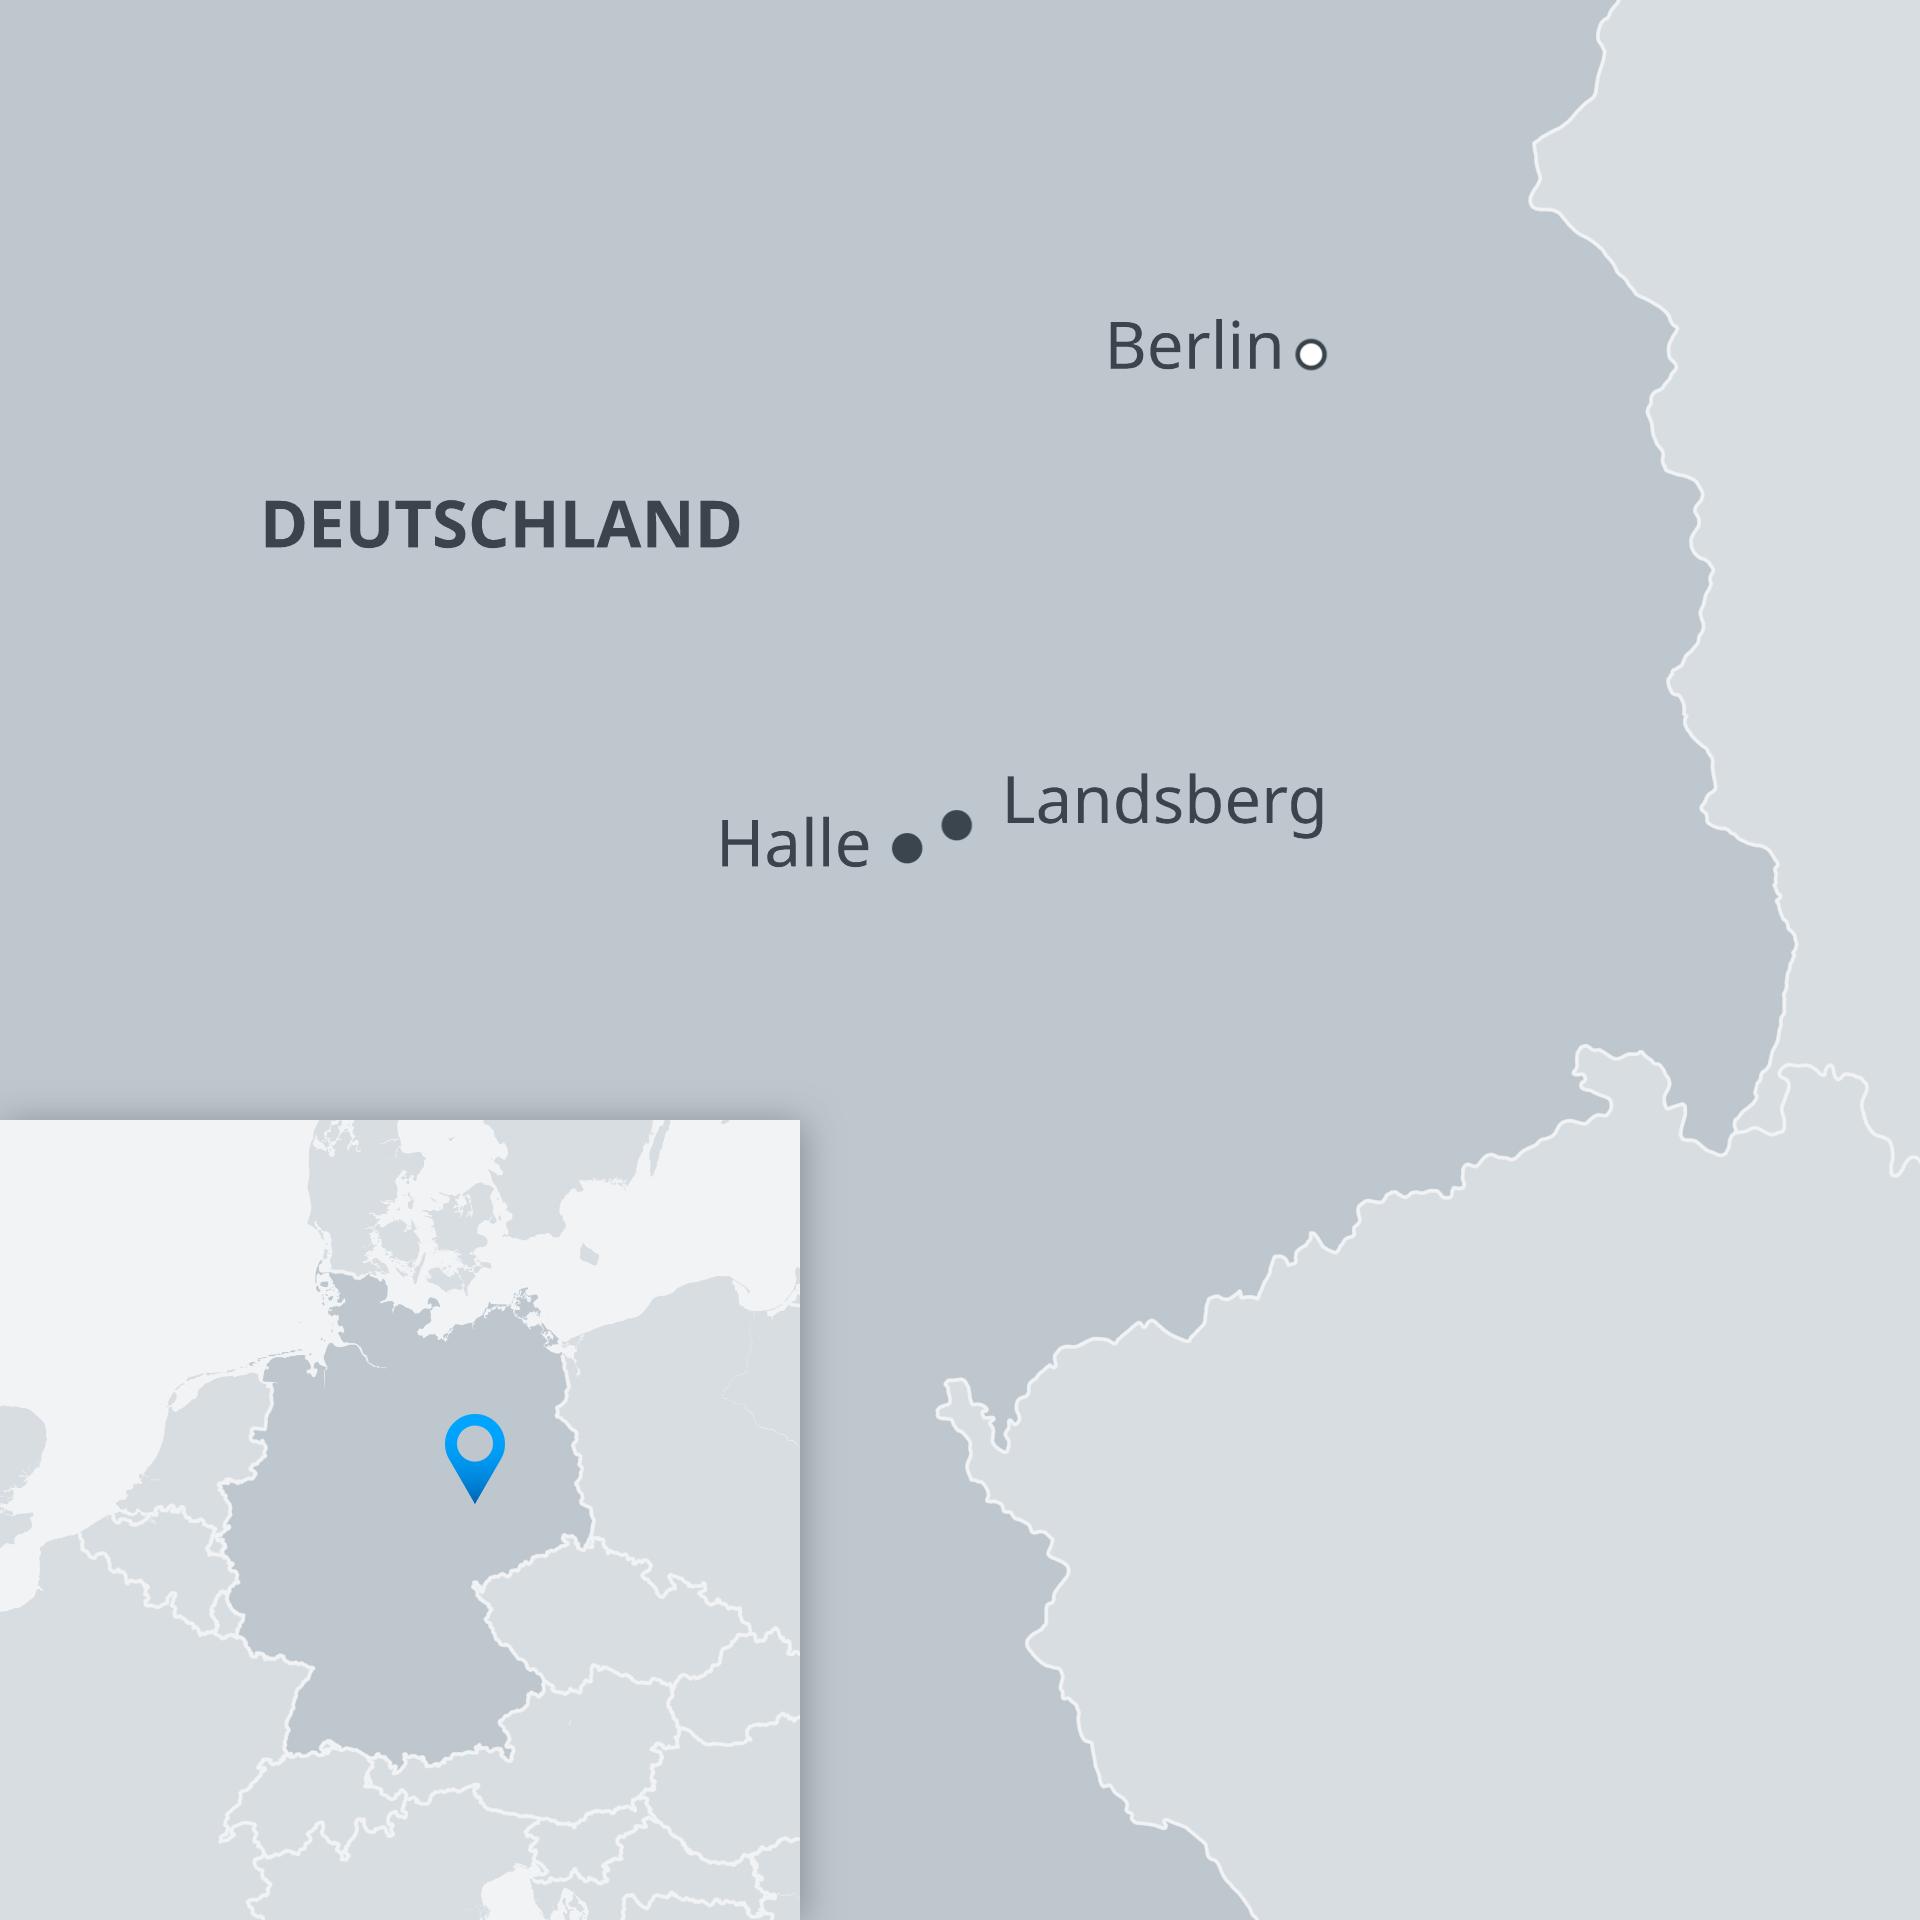 Karte Halle und Landsberg DE